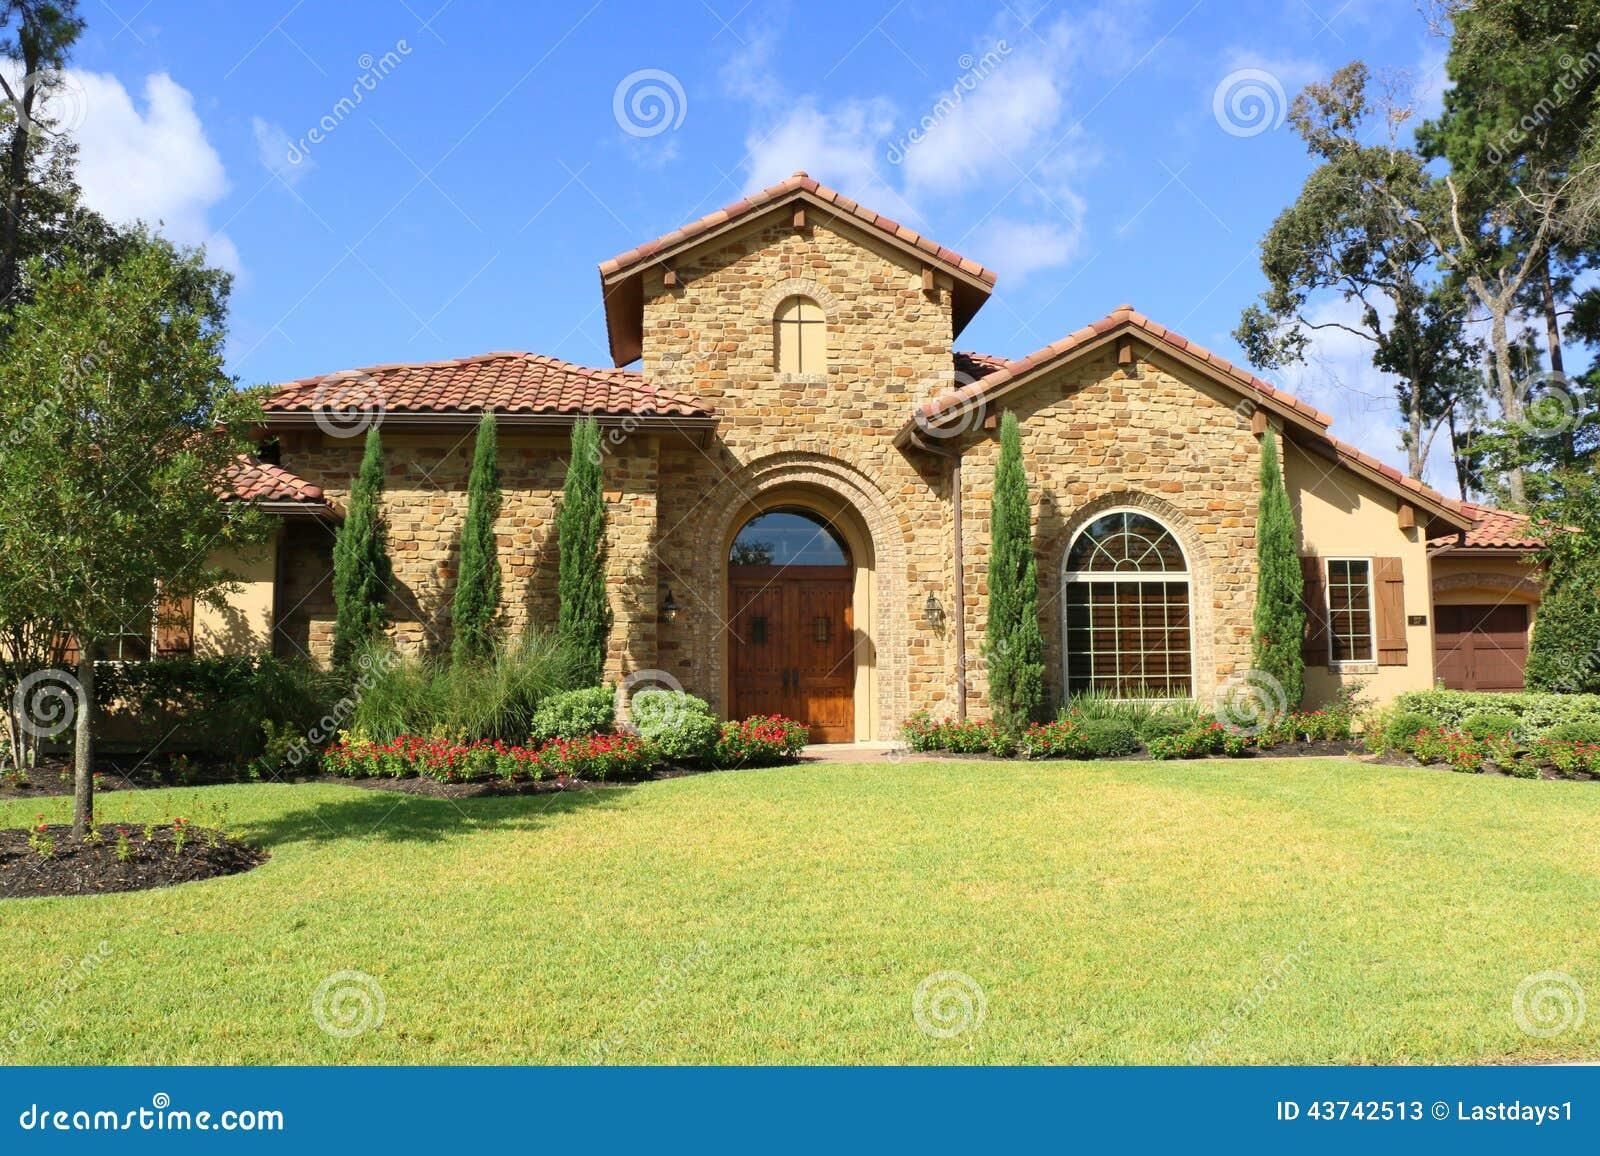 sch ne h user stockbild bild von himmel hypothek villa 43742513. Black Bedroom Furniture Sets. Home Design Ideas